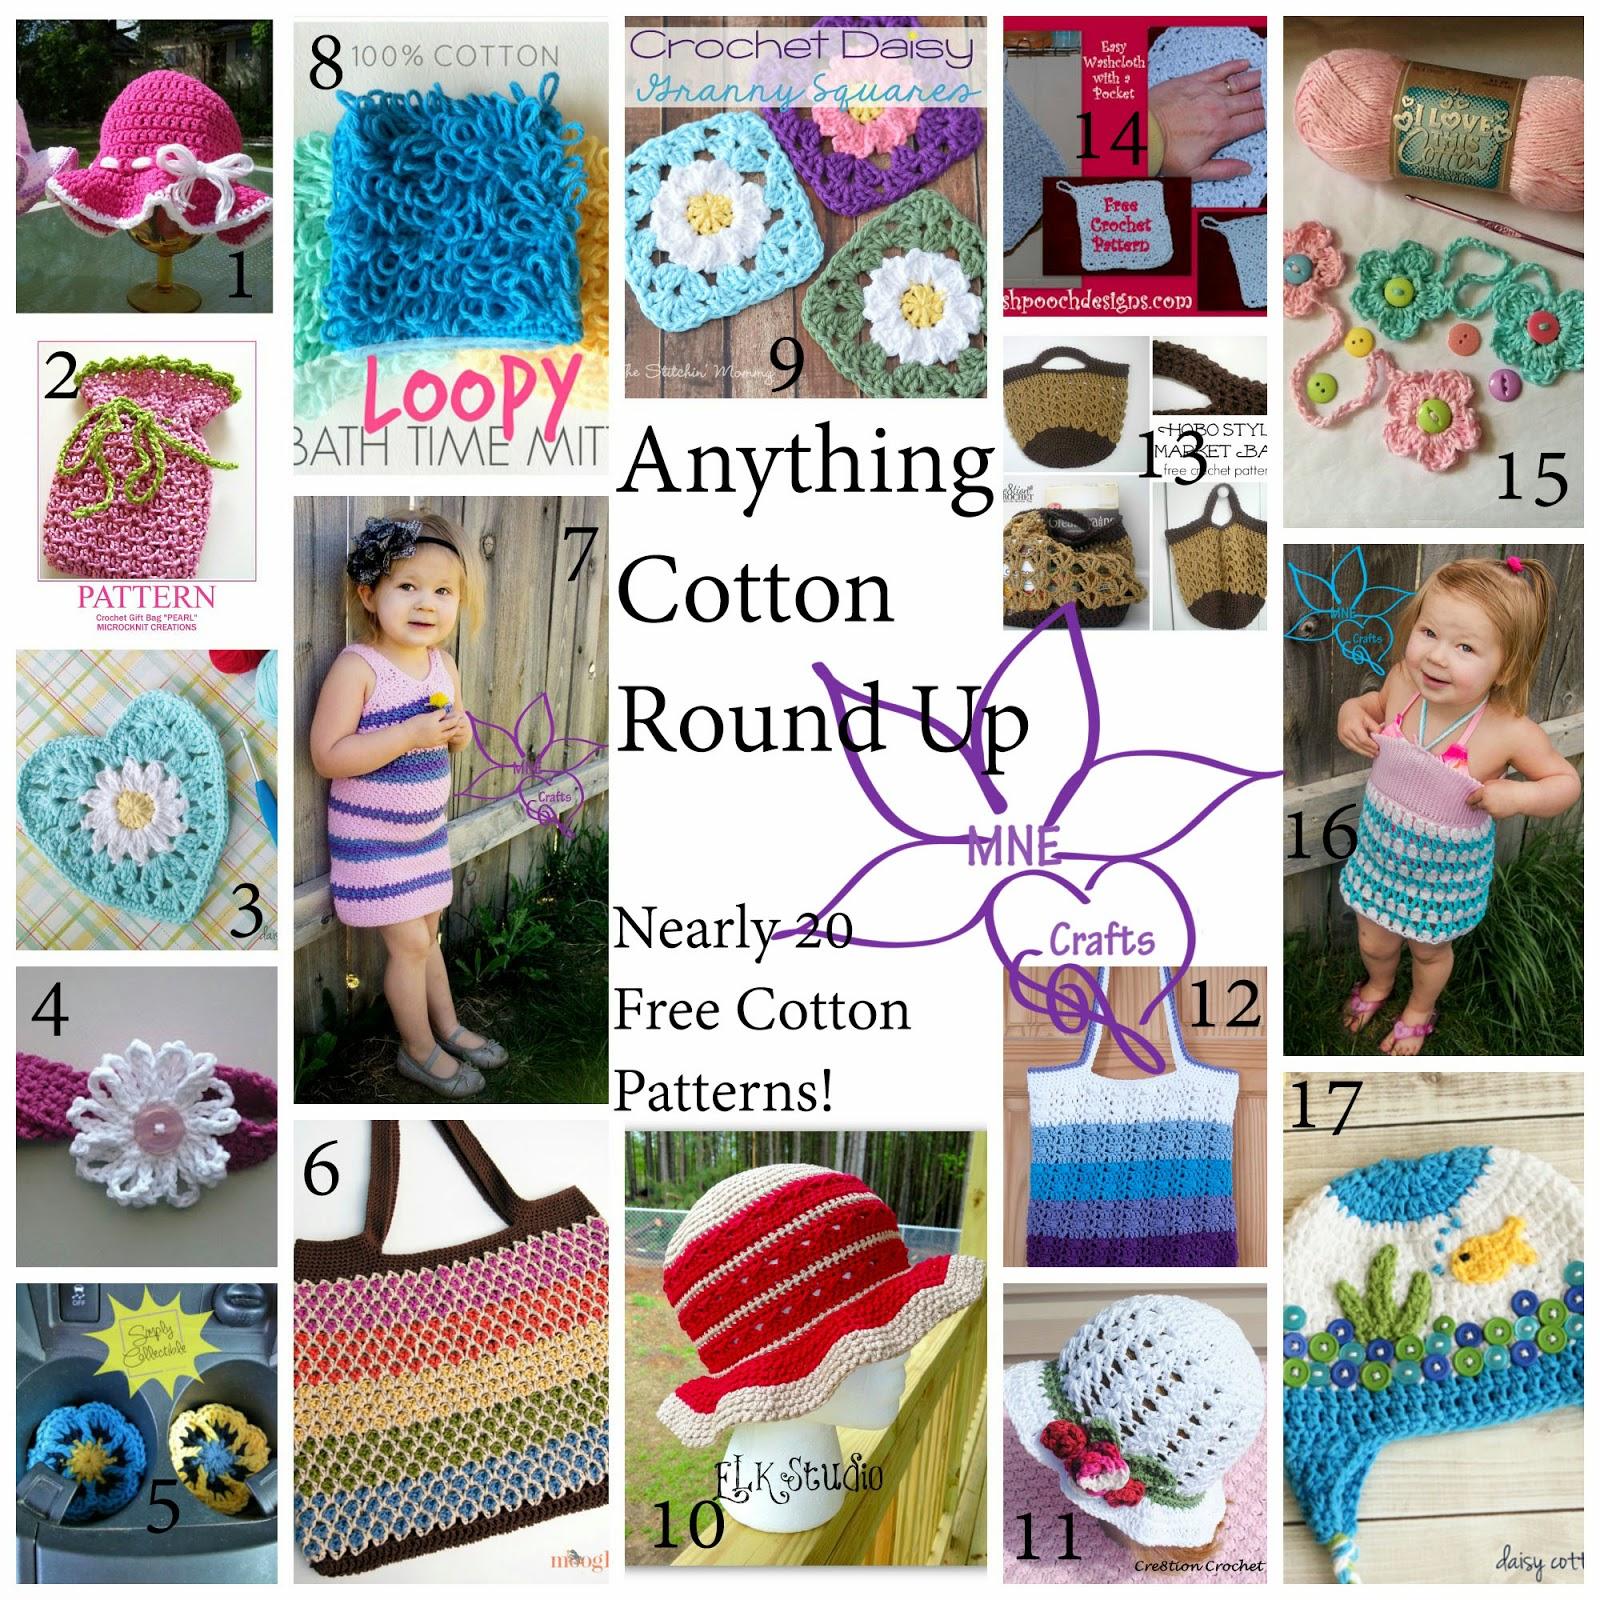 Mne Crafts Cotton Crochet Round Up 15 Free Patterns